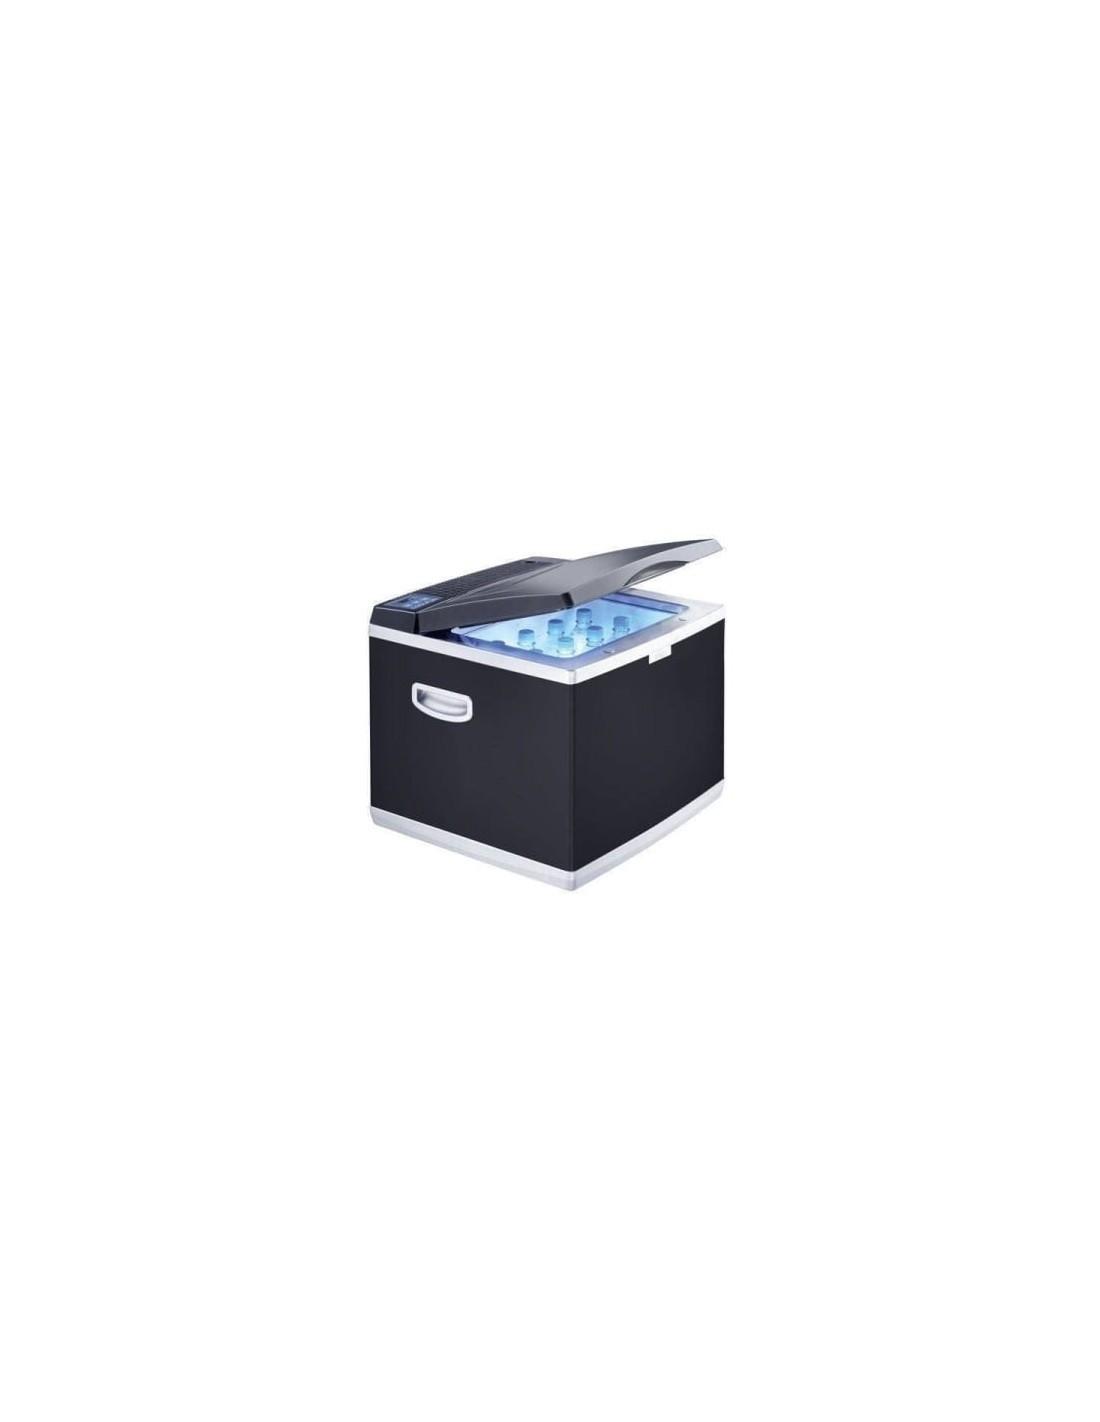 waeco k hlbox 12v 230v coolfun ck 40d hybrid jundi camping. Black Bedroom Furniture Sets. Home Design Ideas